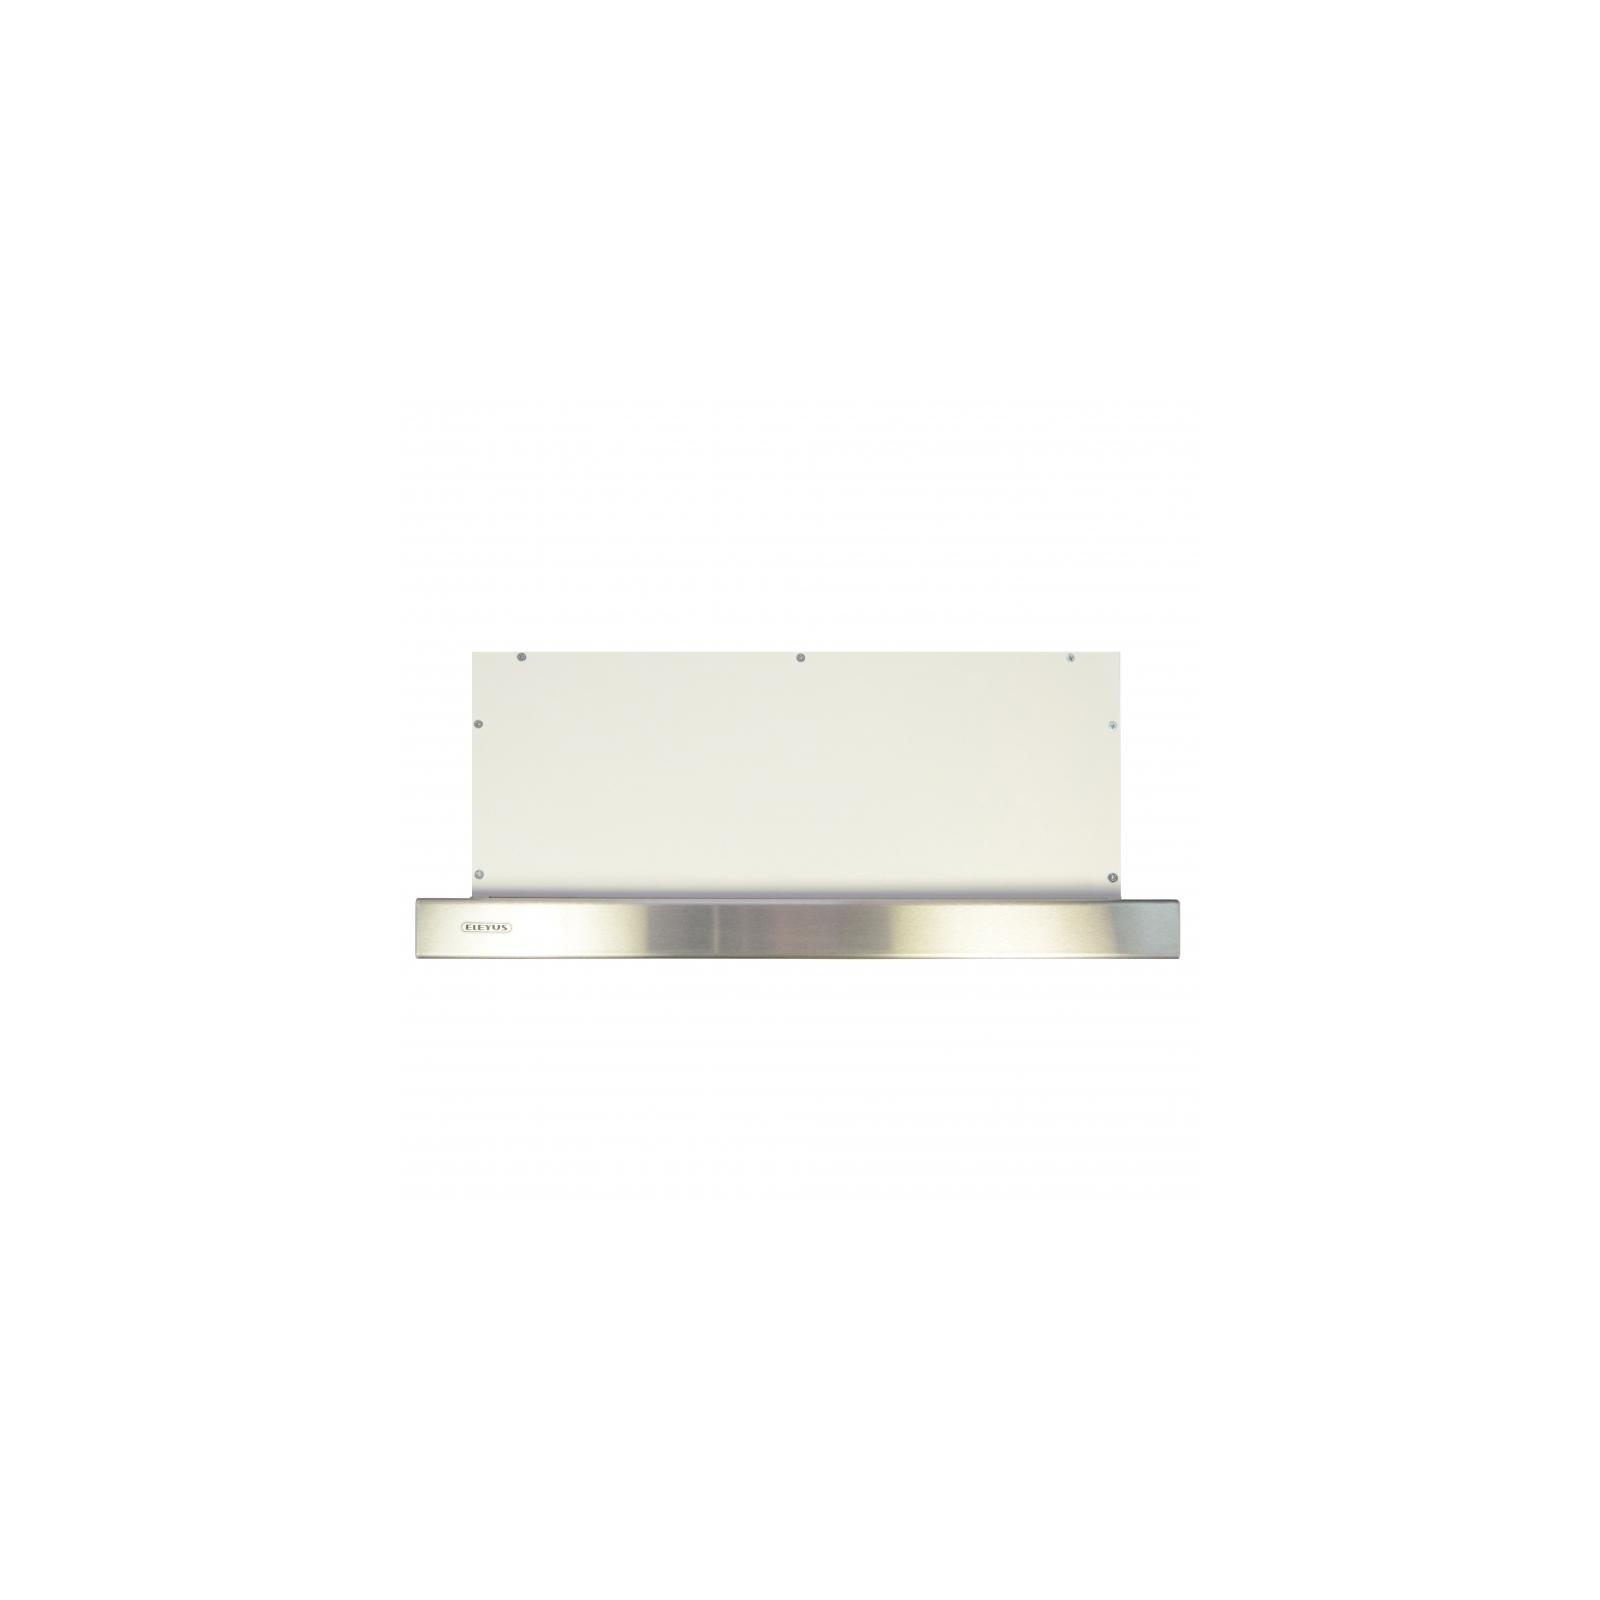 Вытяжка кухонная ELEYUS Storm 1200 LED 60 IS изображение 4